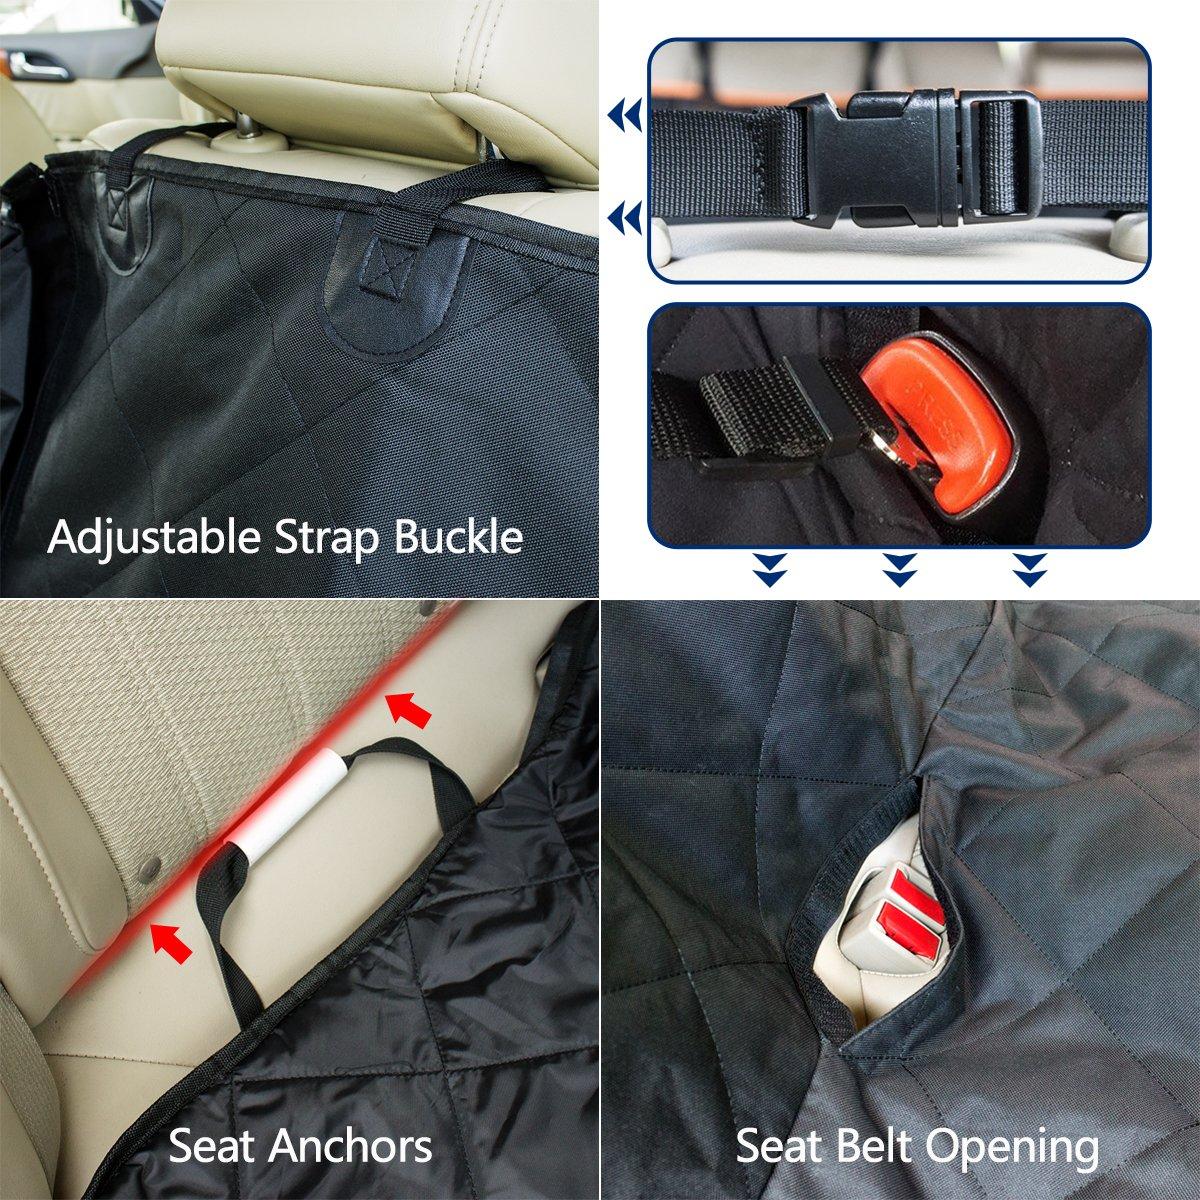 Hundedecke für Auto Rückbank, Morpilot Autoschondecke+ Seitenschutz, 2 Taschen, Teilbare Hunde Sitzauflage wasserdicht waschbar mit Autositzgurt,Super Weich, Ideal für für alle gängigen Automodelle